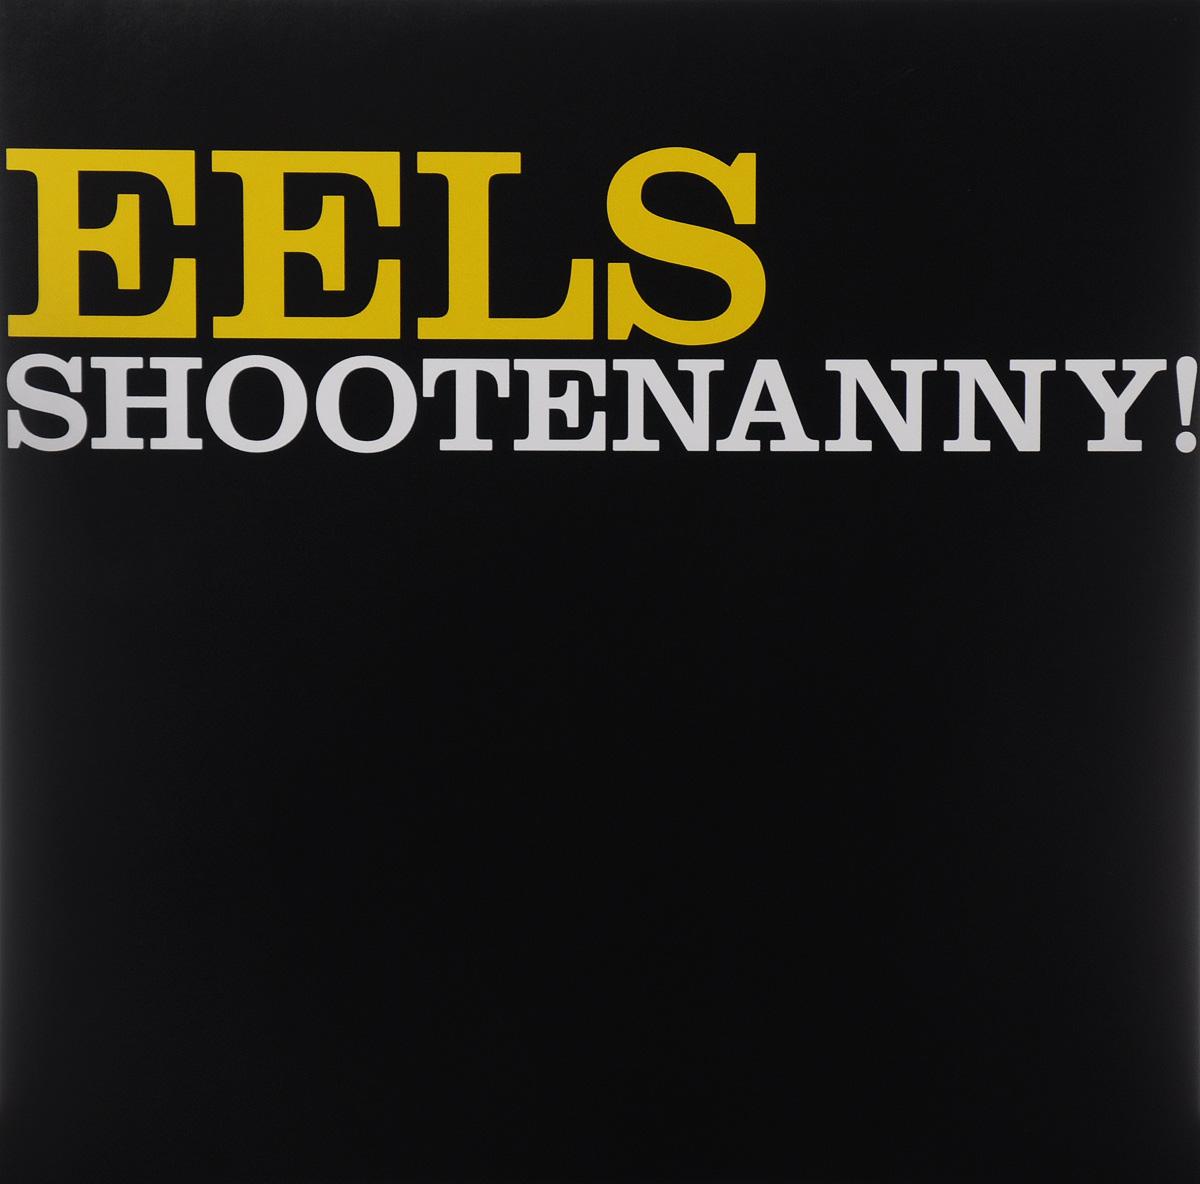 Eels Eels. Shootenanny! (LP) eels manchester